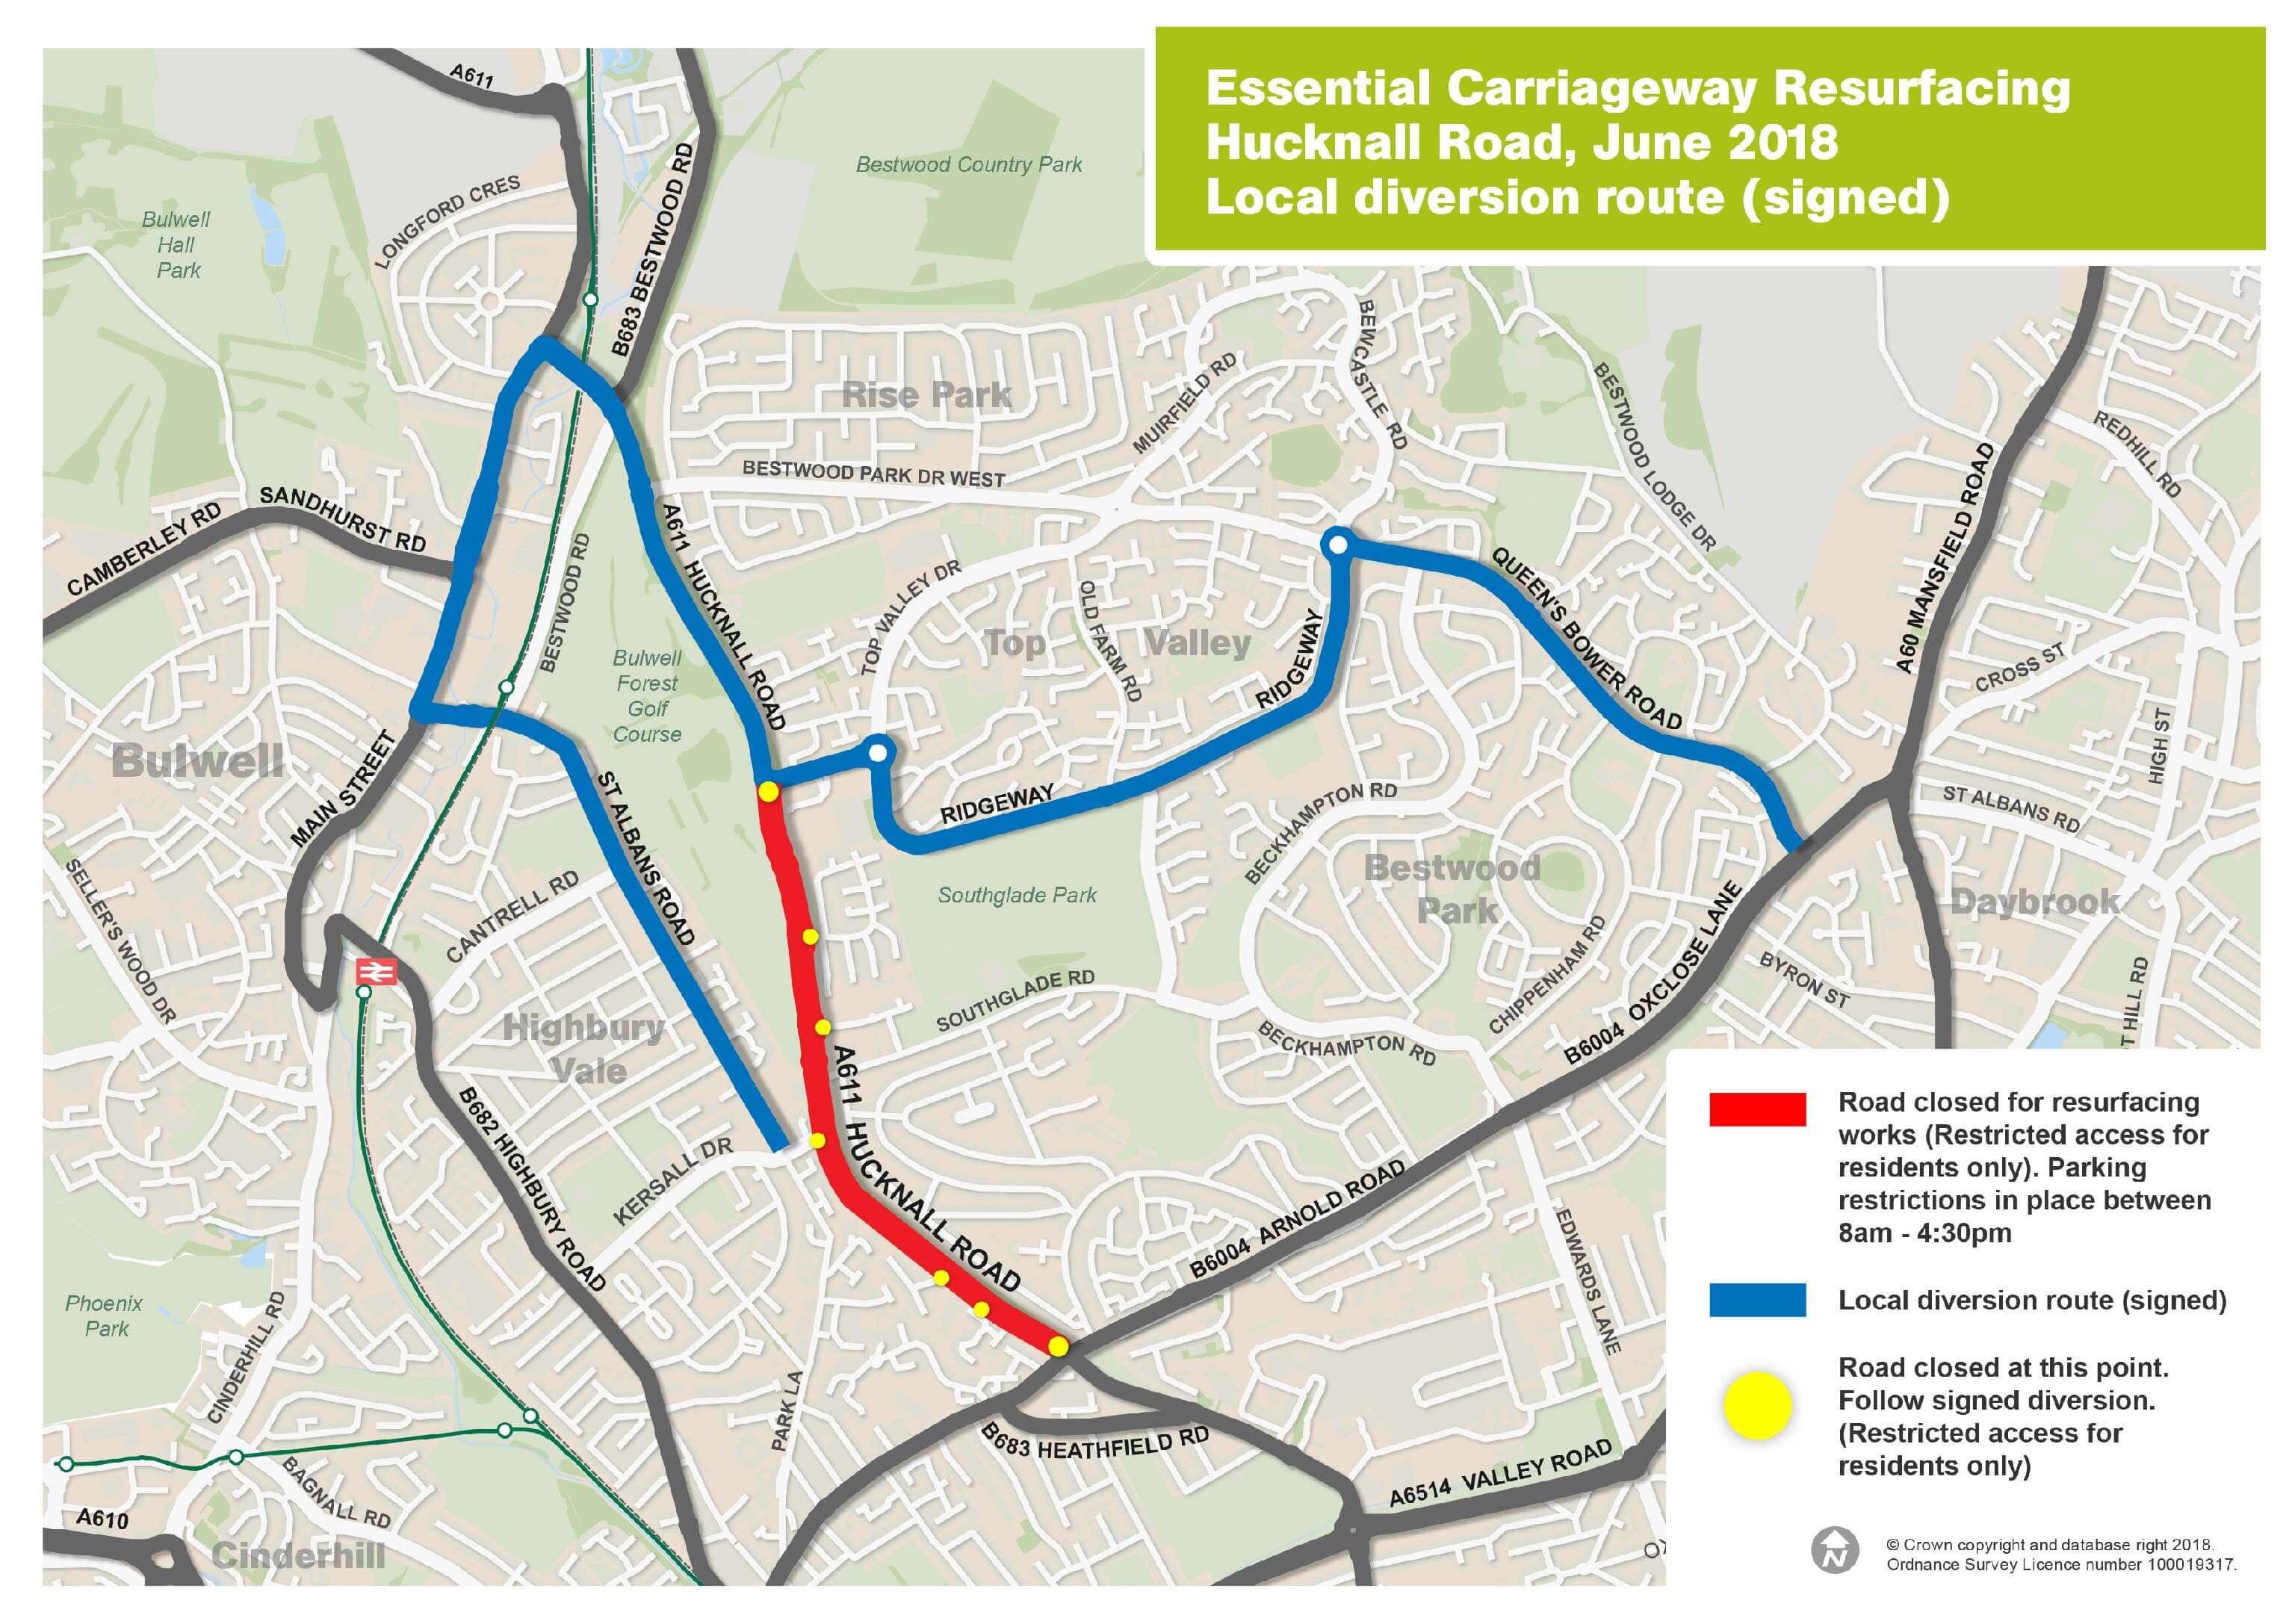 Hucknall Road diversion